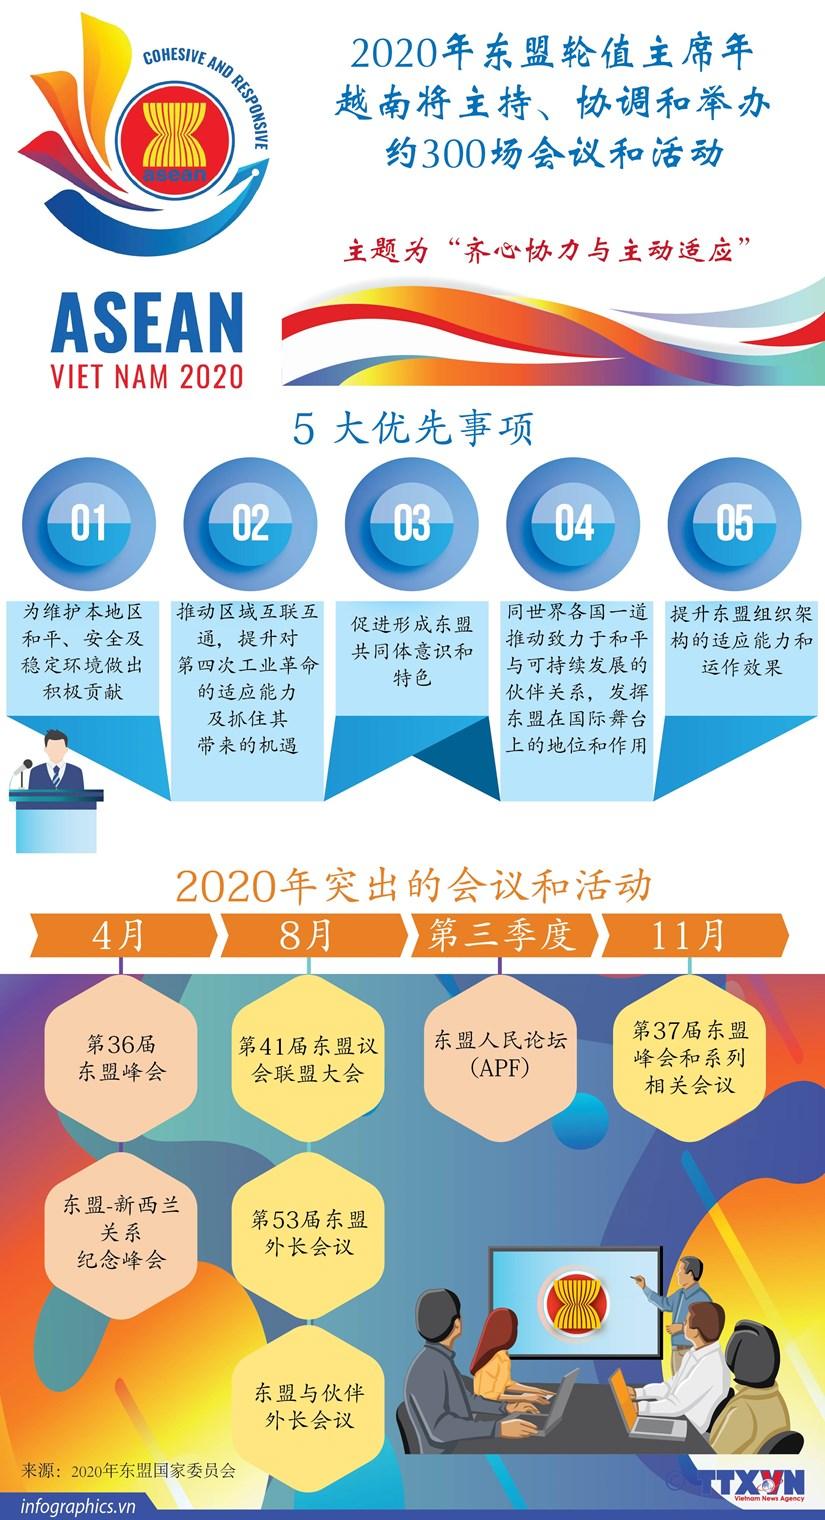 图表新闻:2020年东盟轮值主席年越南将主持、协调和举办约300场会议和活动 hinh anh 1